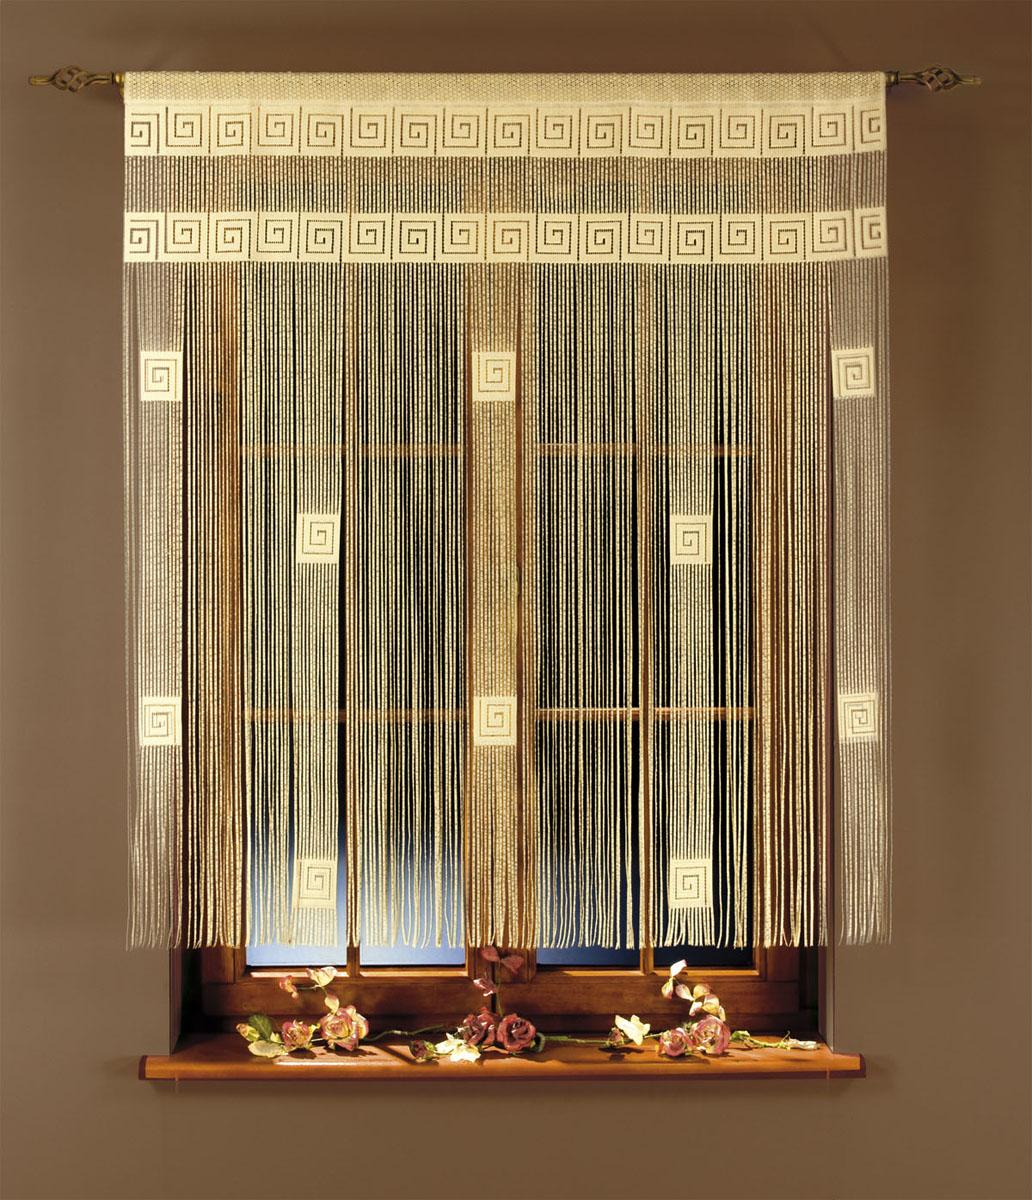 Гардина-лапша Ira, на кулиске, цвет: белый, высота 160 см663316Гардина-лапша Ira, изготовленная из полиэстера белого цвета, станет великолепным украшением окна, дверного проема и прекрасно послужит для разграничения пространства. Необычный дизайн и яркое оформление привлекут внимание и органично впишутся в интерьер. Гардина-лапша оснащена кулиской для крепления на круглый карниз.